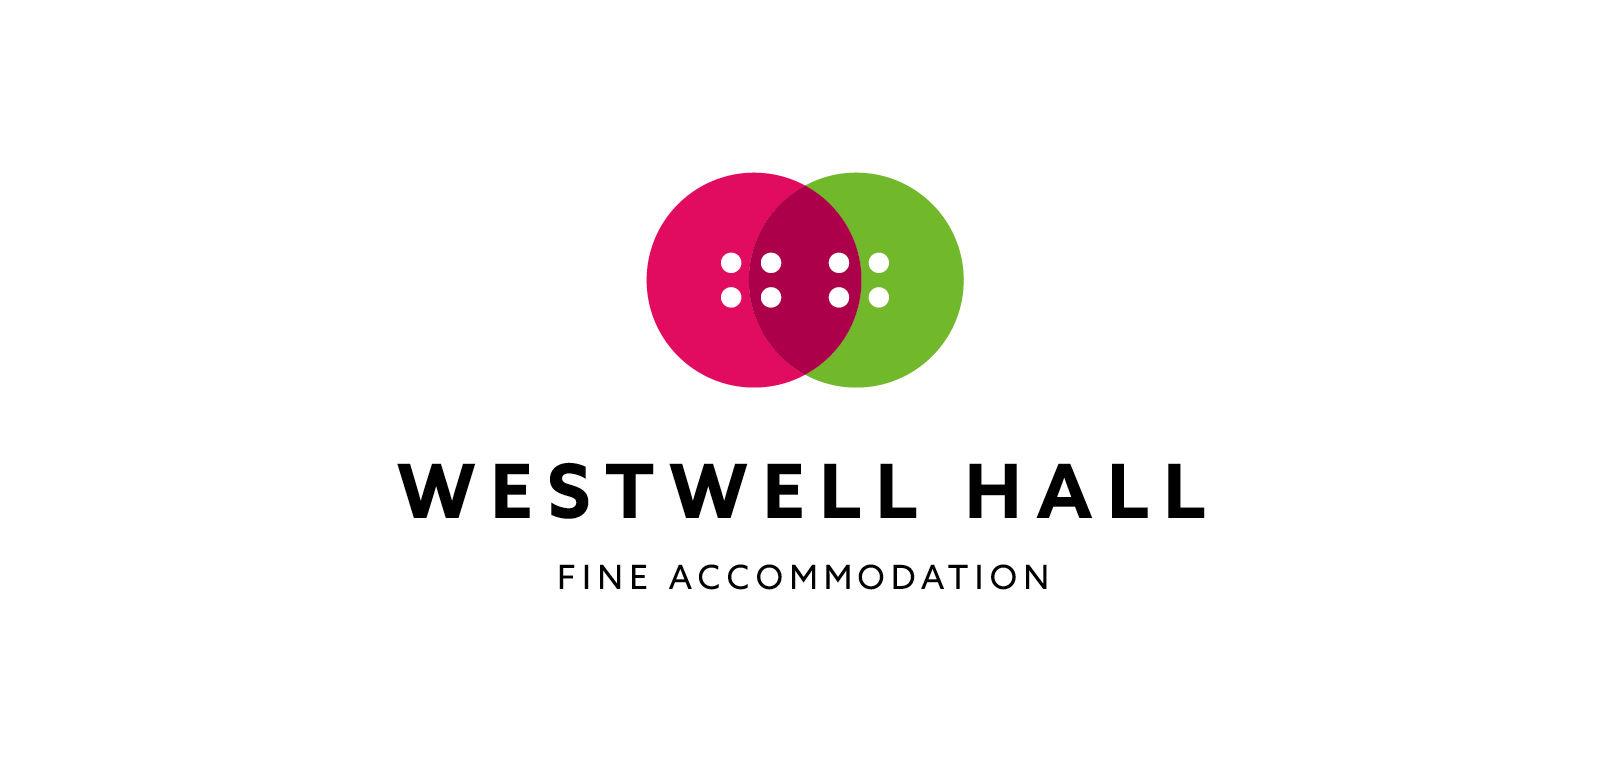 WestwellHall